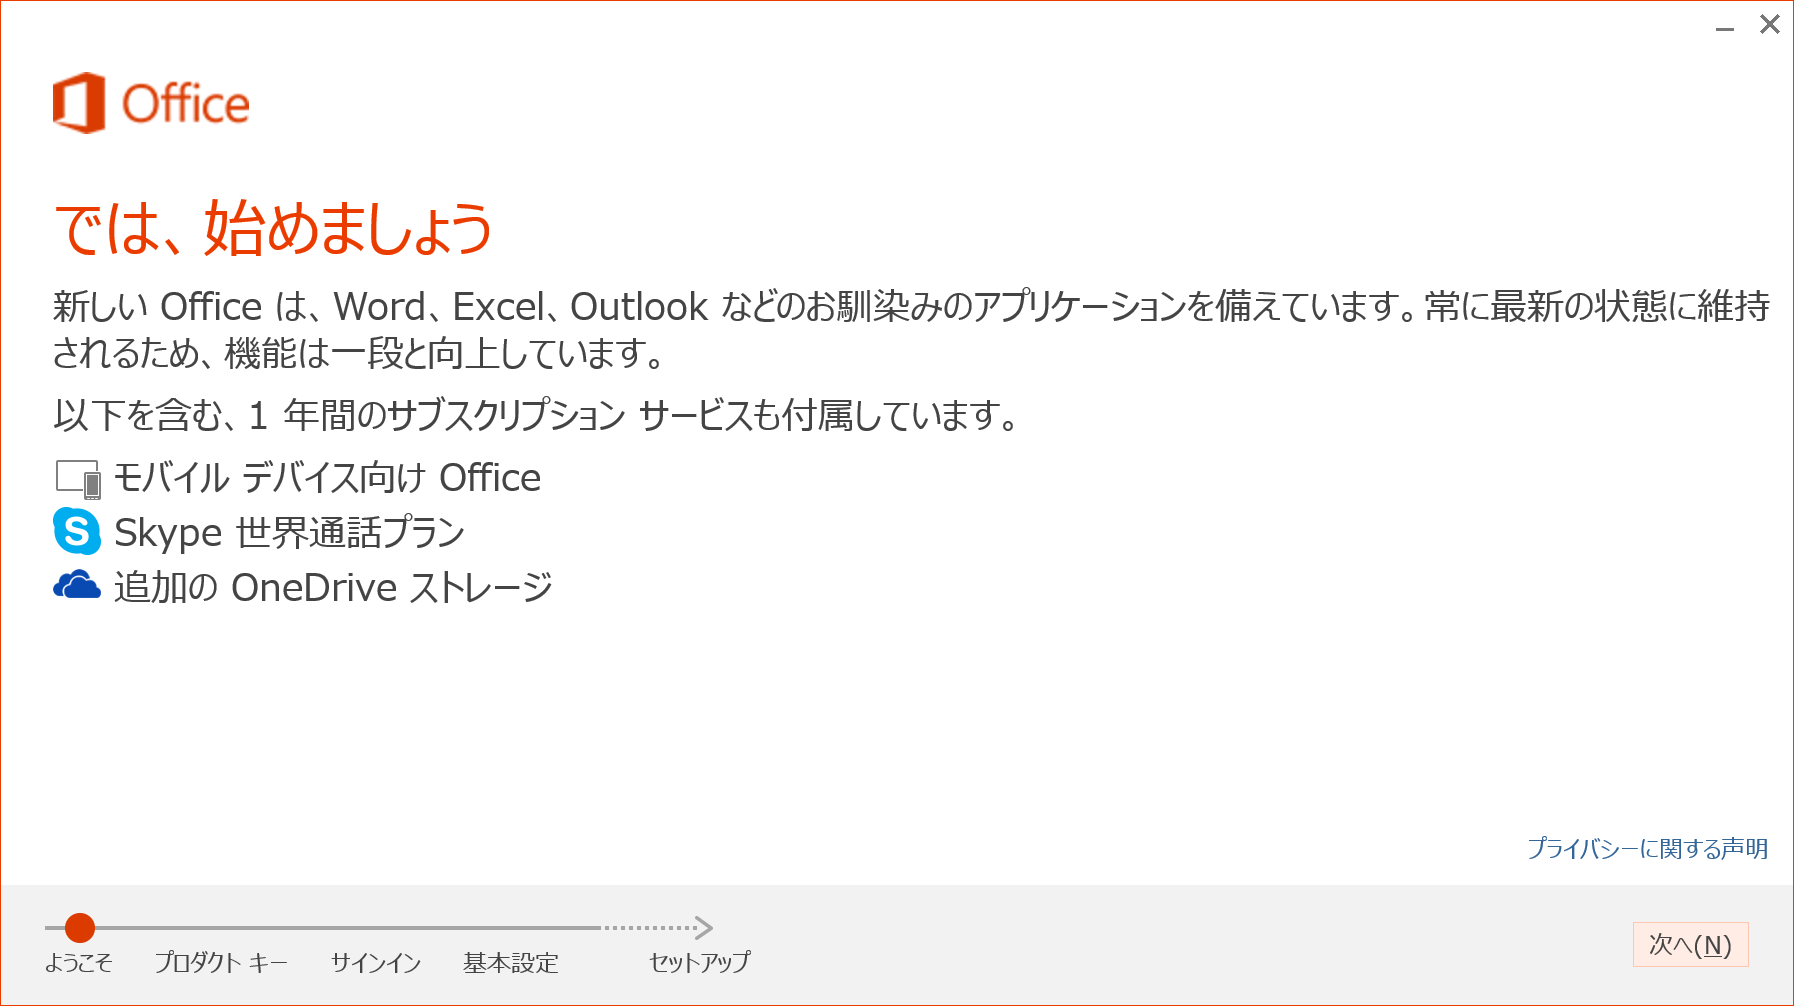 Office のセットアップ画面